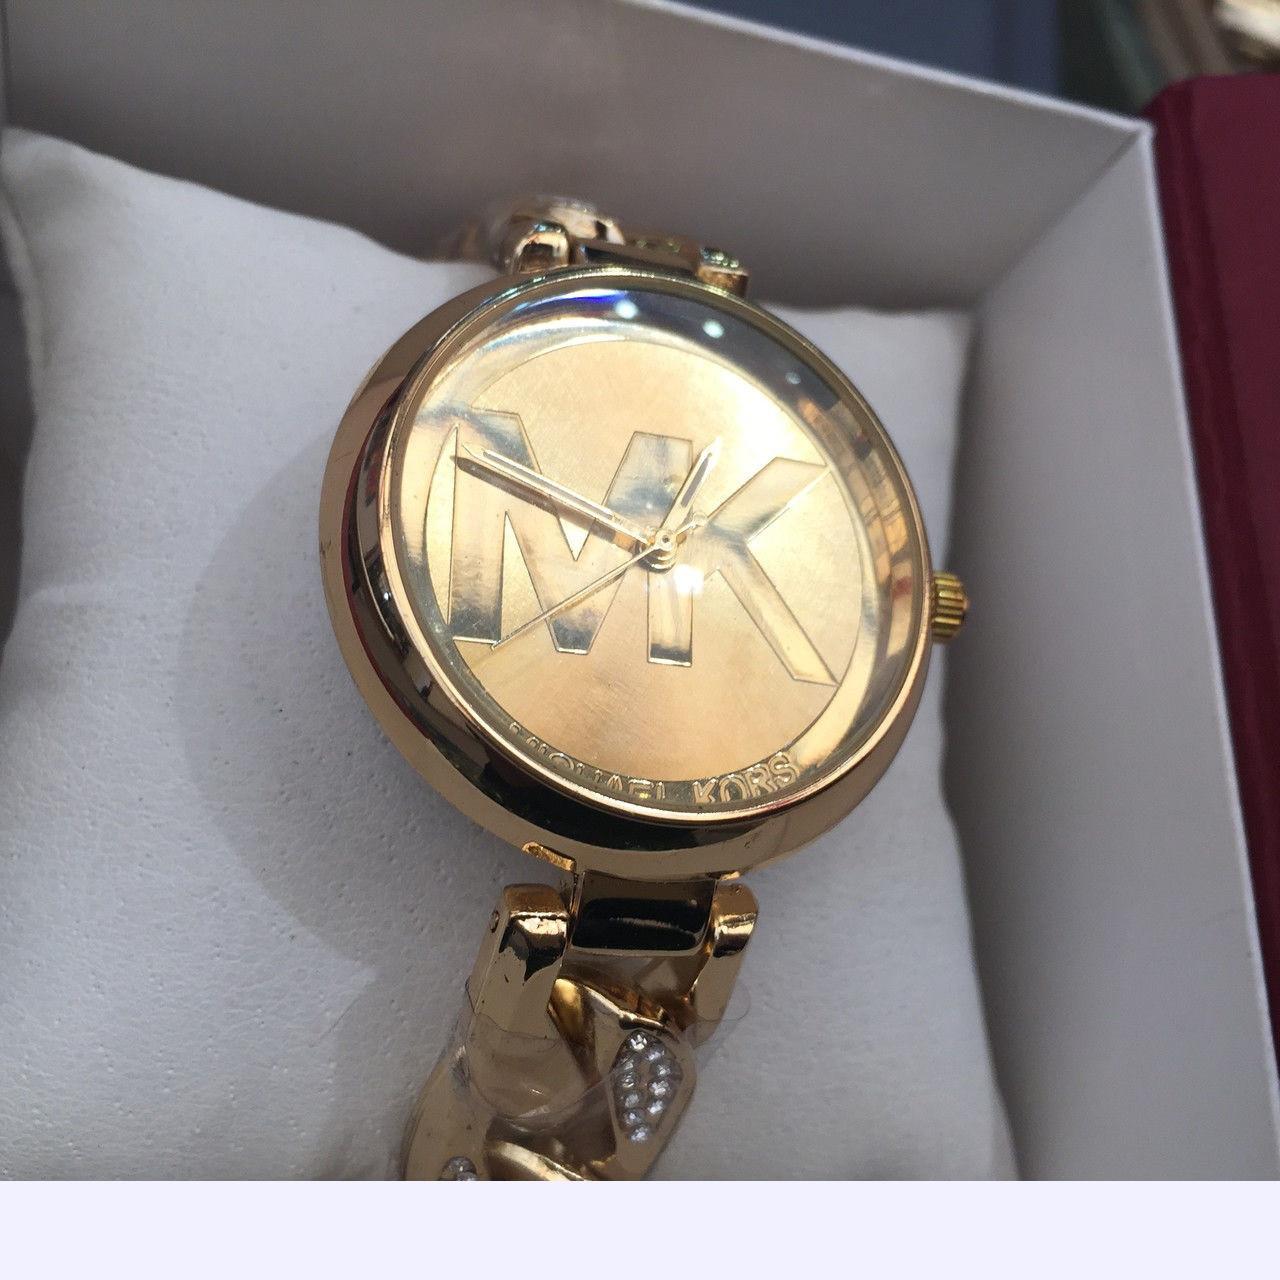 b145b5095834 ЧАСЫ НАРУЧНЫЕ MK MICHAEL KORS GOLD NEW N63,женские наручные часы, мужские,  наручные